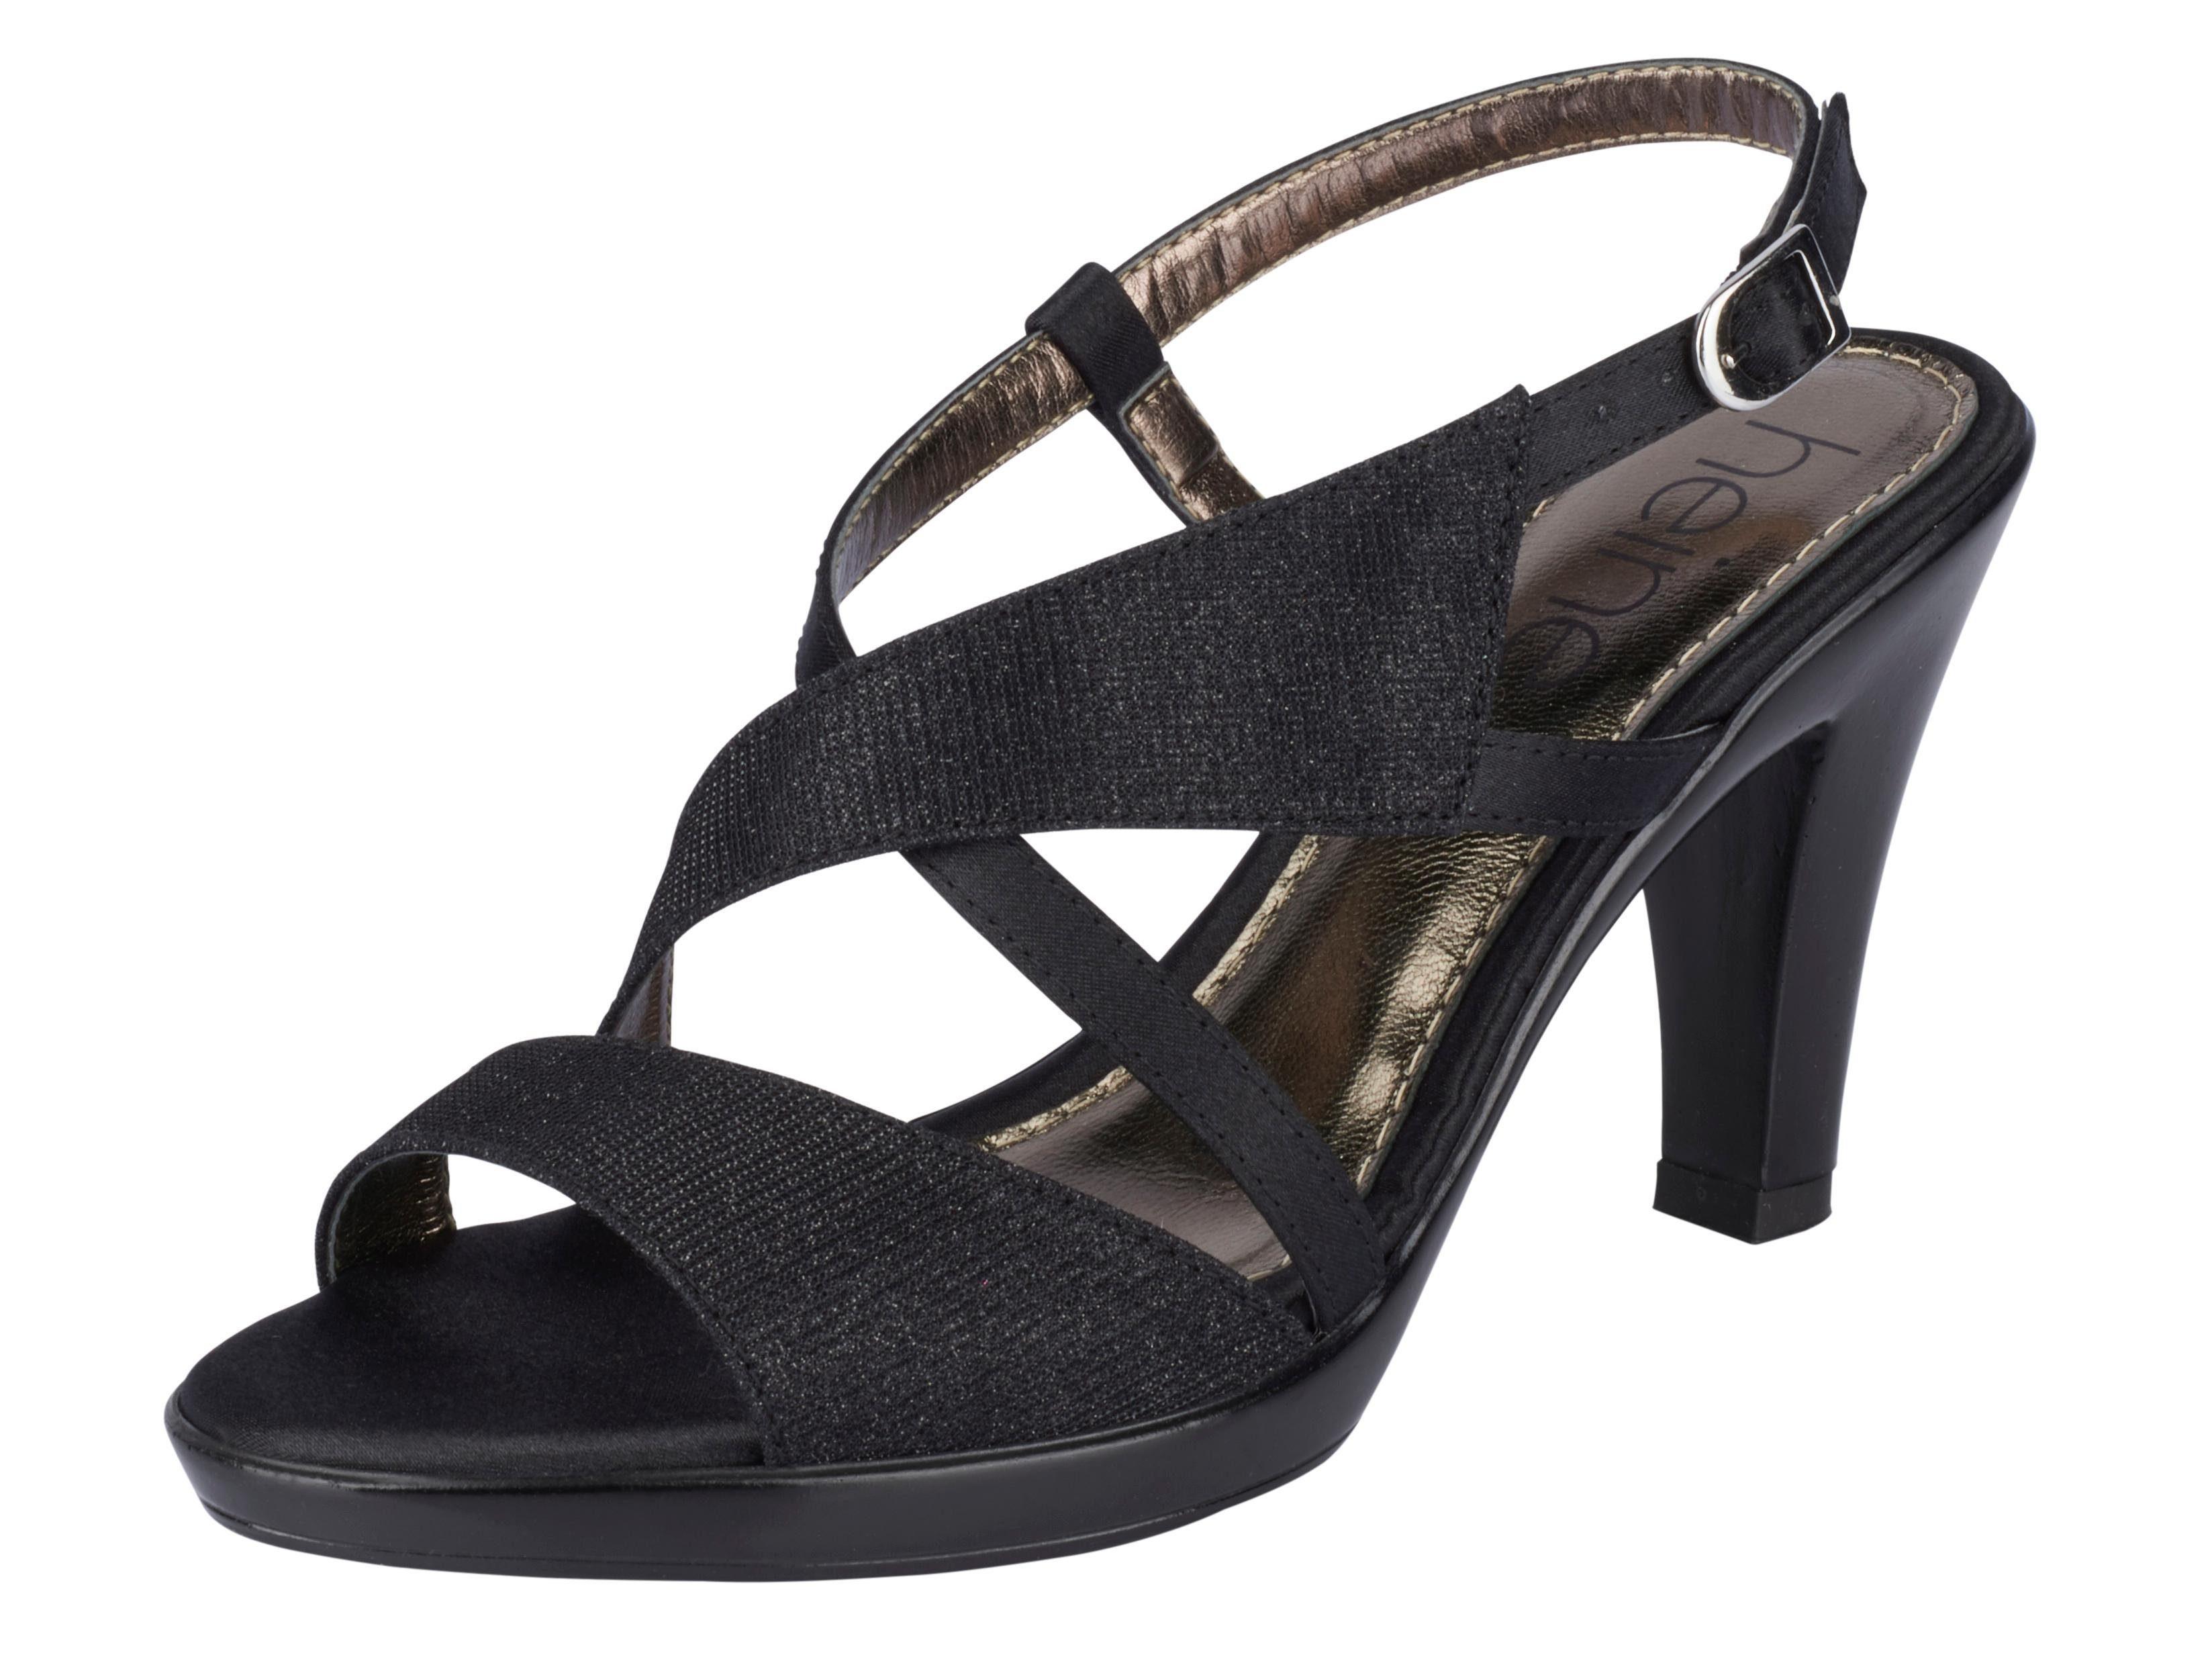 Heine Sandalette mit Glanzeffekt online kaufen  schwarz